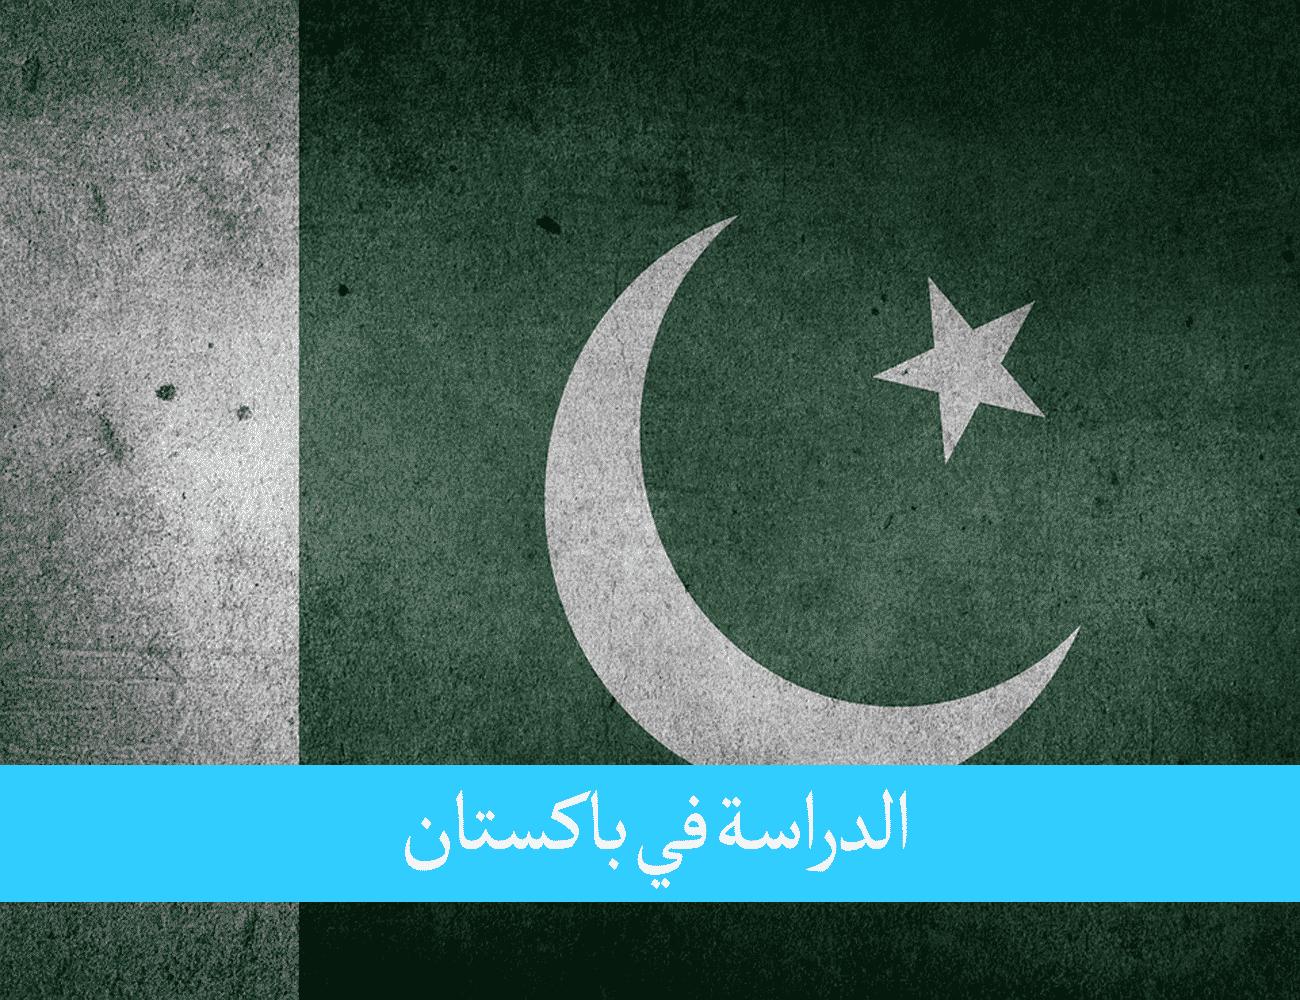 الدراسة في باكستان للمغاربة بأقل التكاليف في القارة الآسيوية